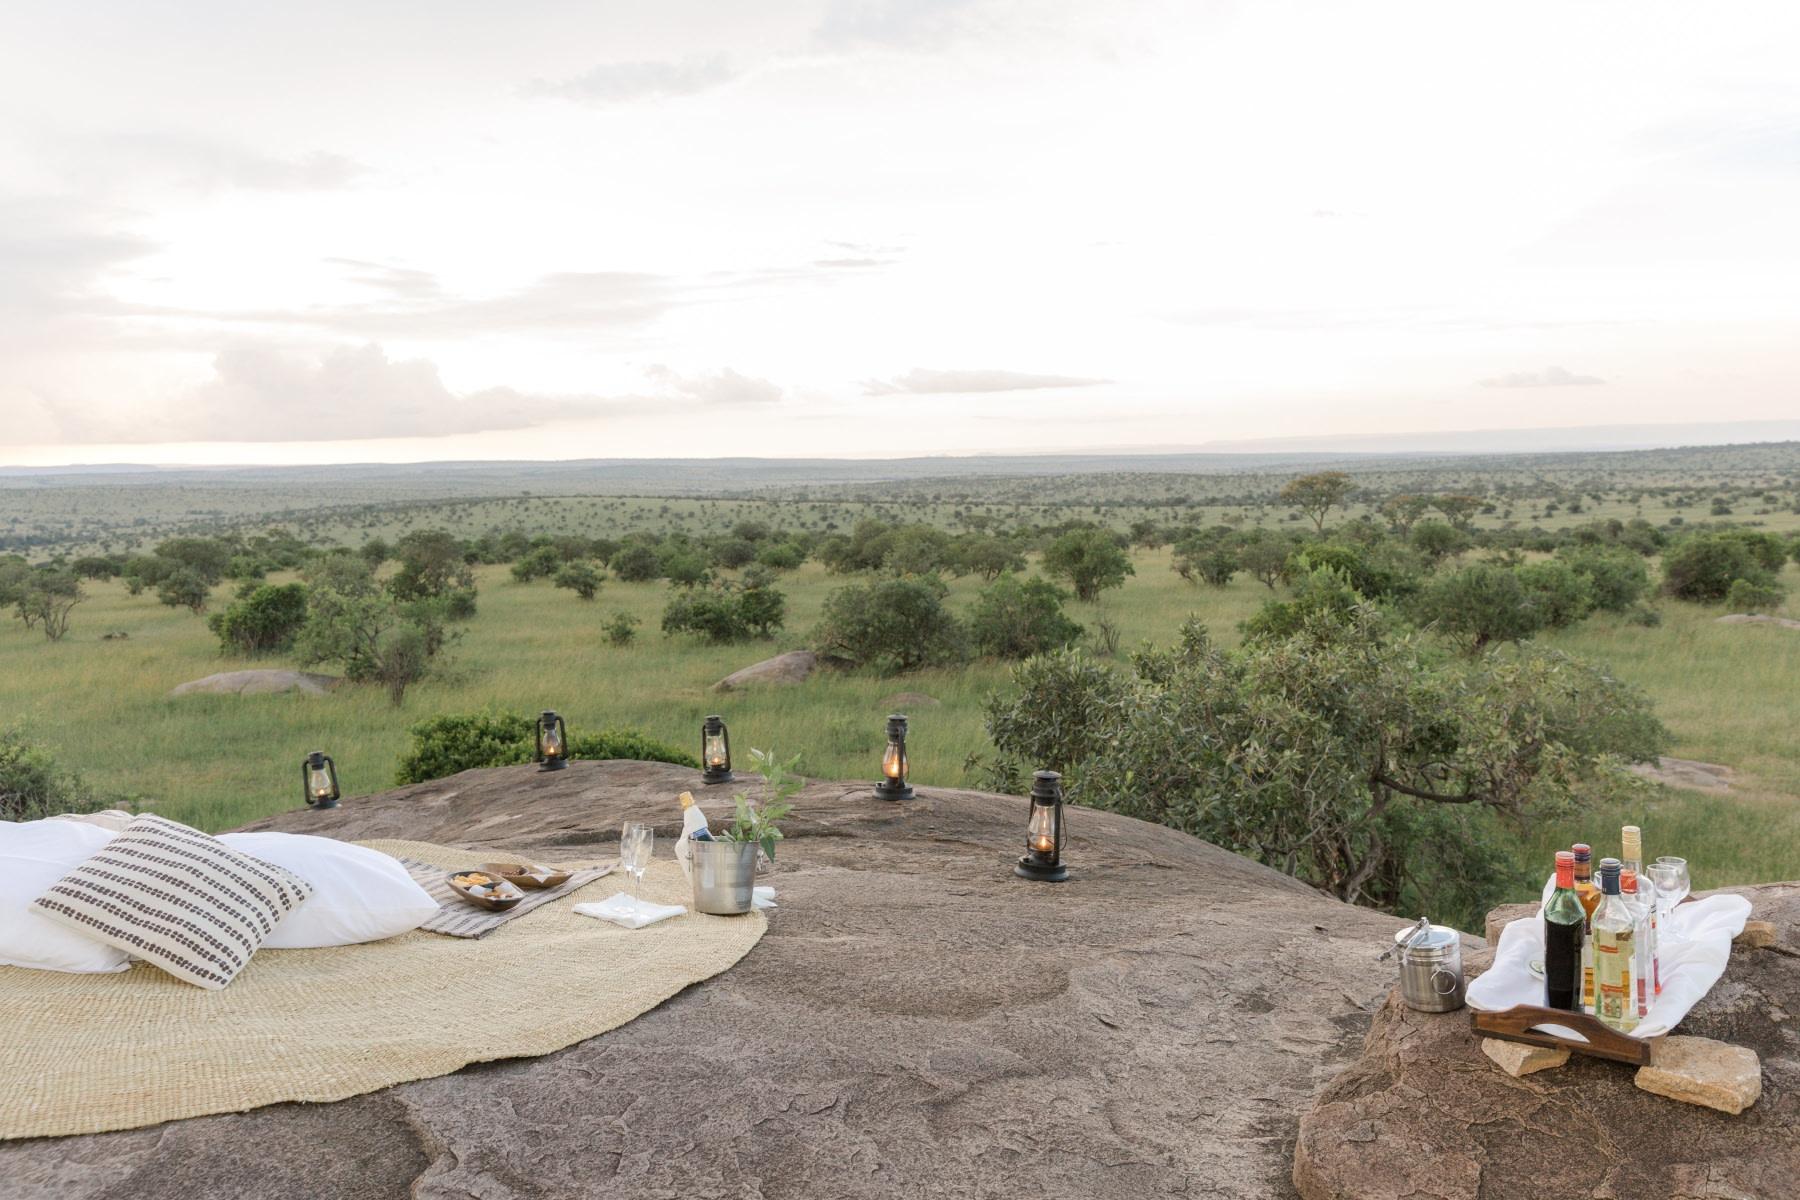 Picknick in der Wildnis der Serengeti